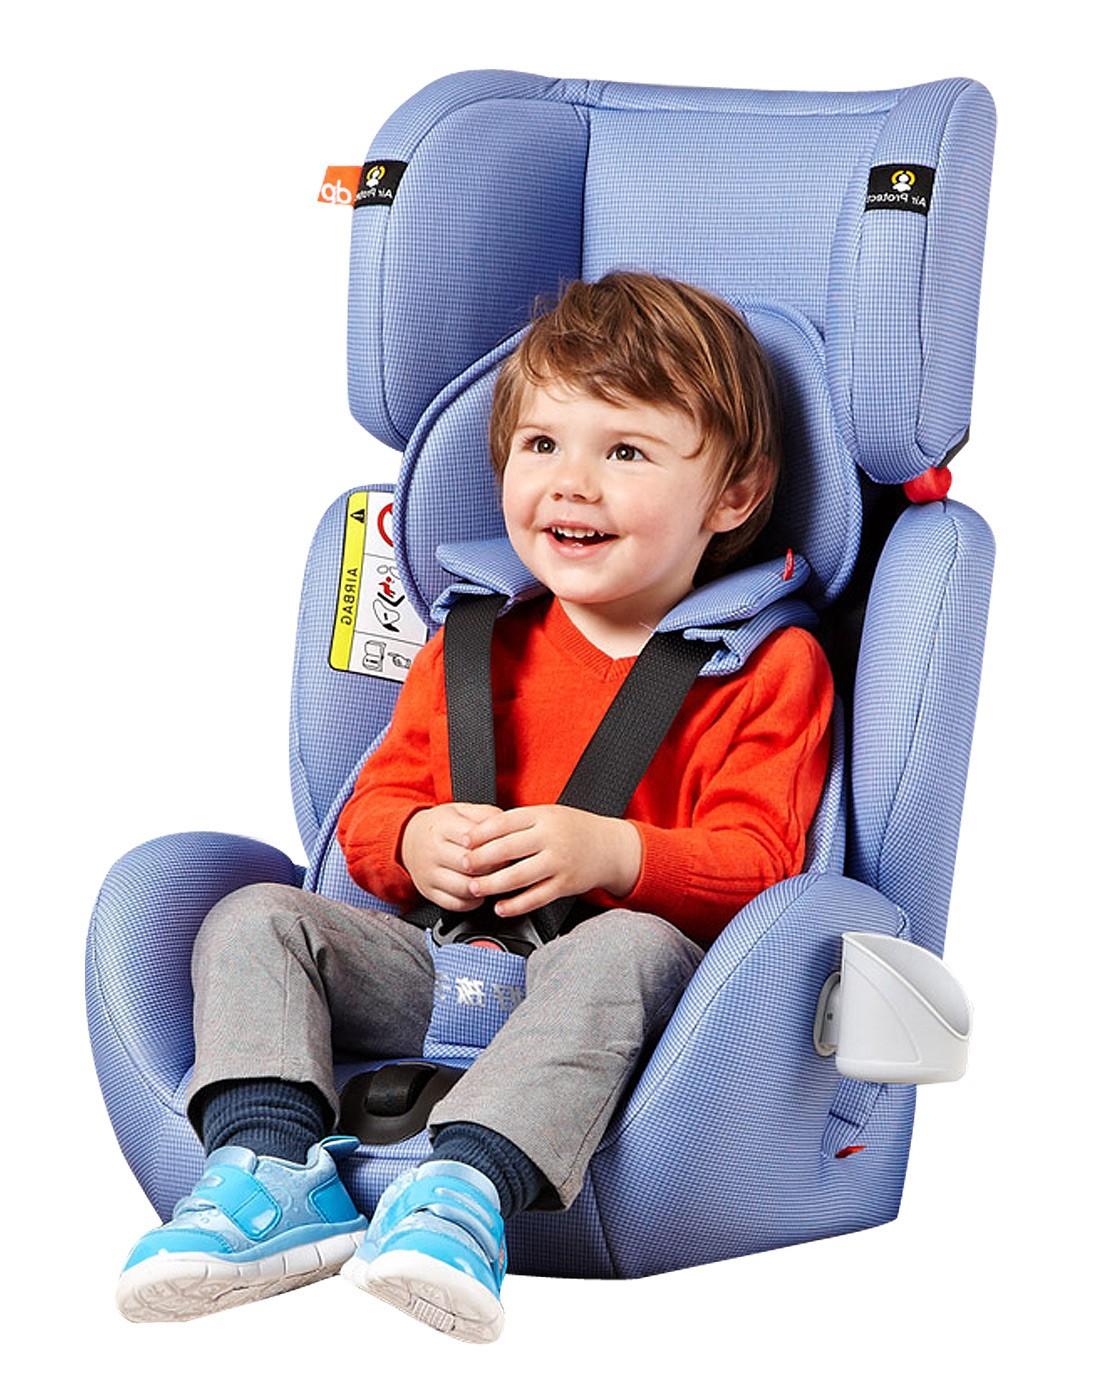 好孩子汽车用儿童安全座椅空军一号 标致308能用吗高清图片